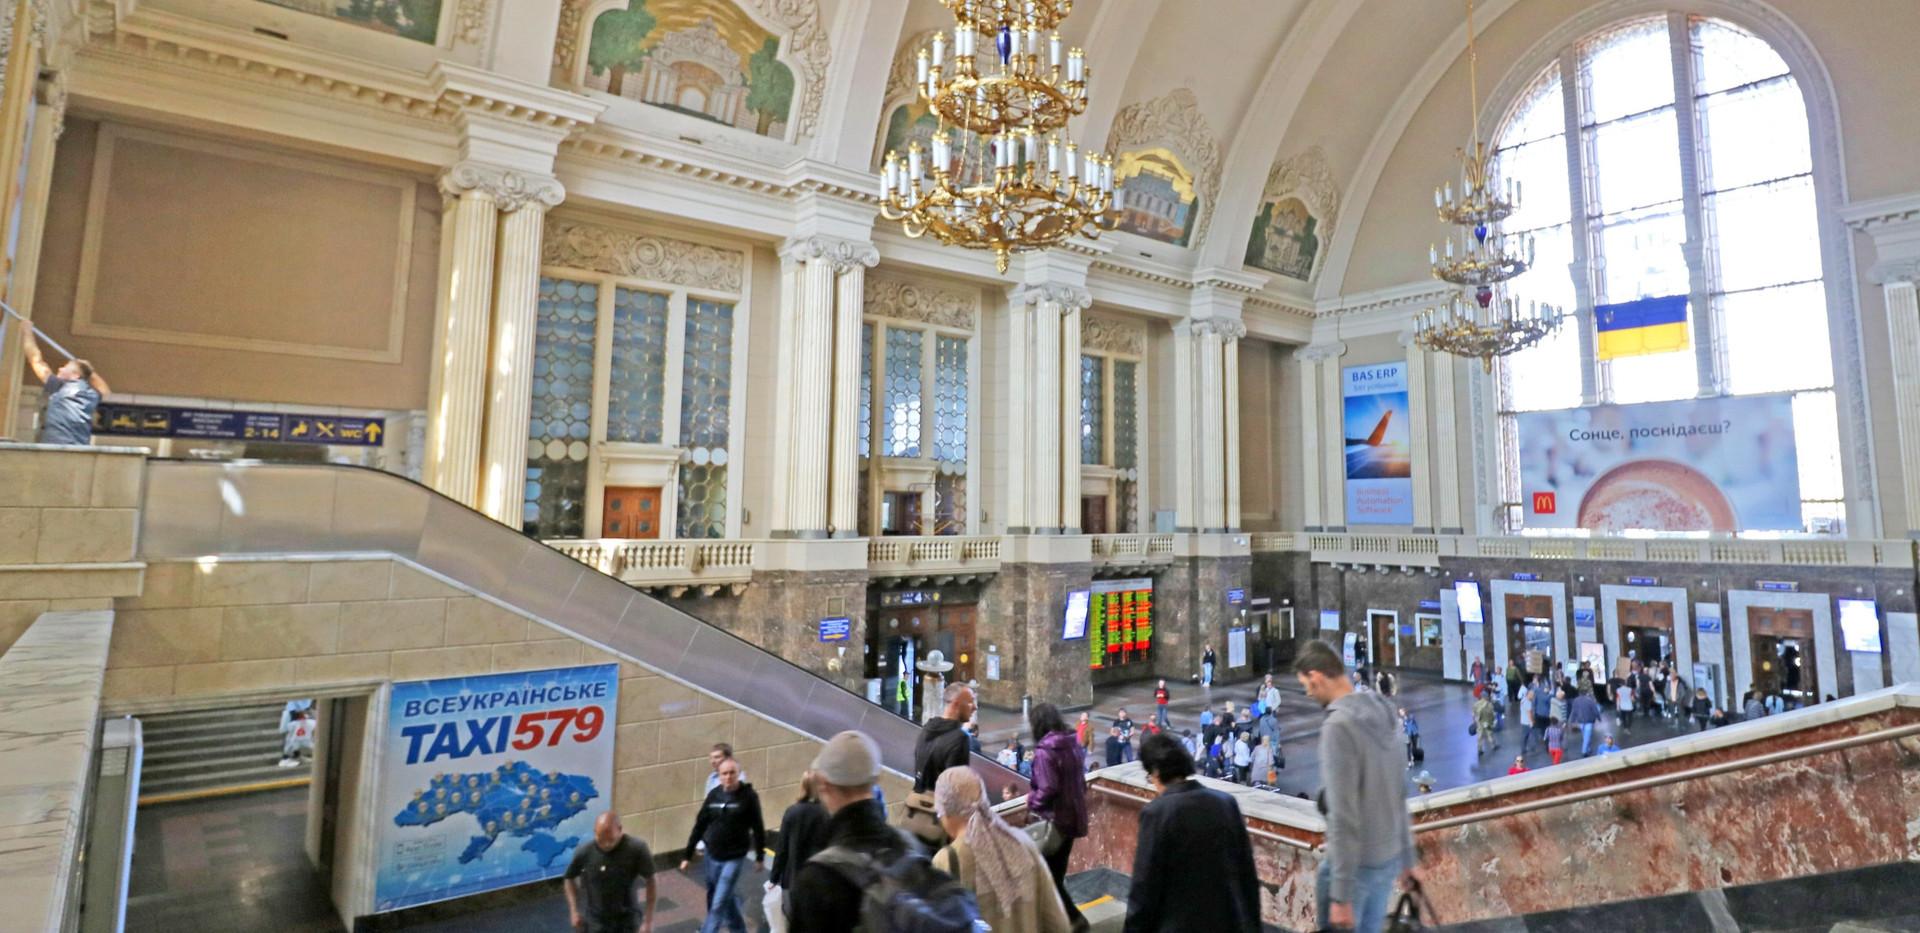 Kyiv-Pasazhyrskyi railway station